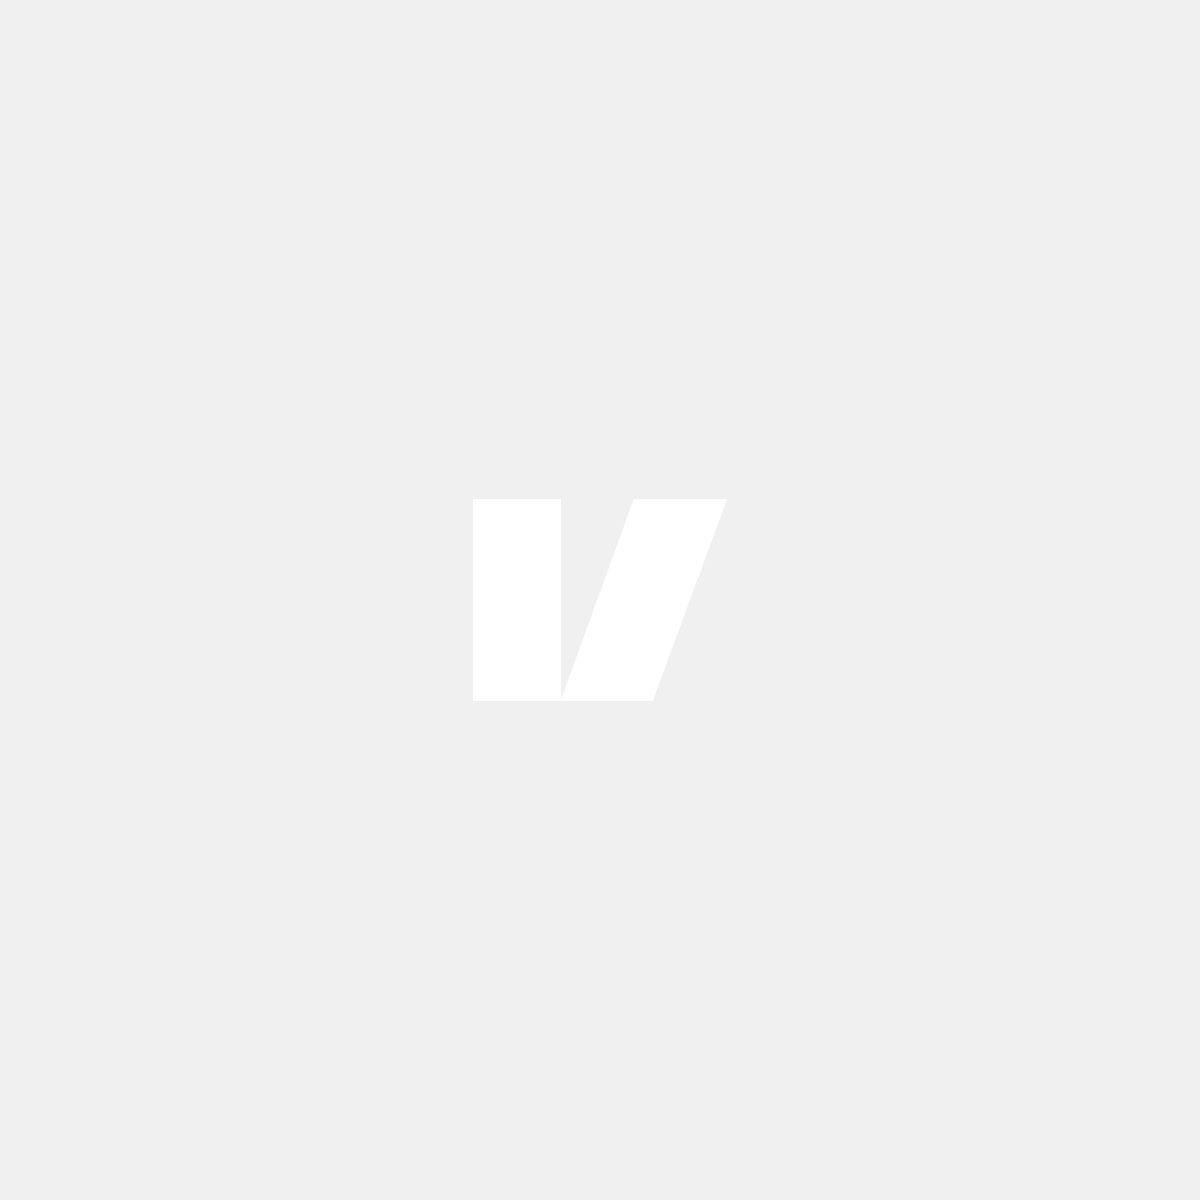 Sportgrill till Volvo V70, 14-16, utan radar